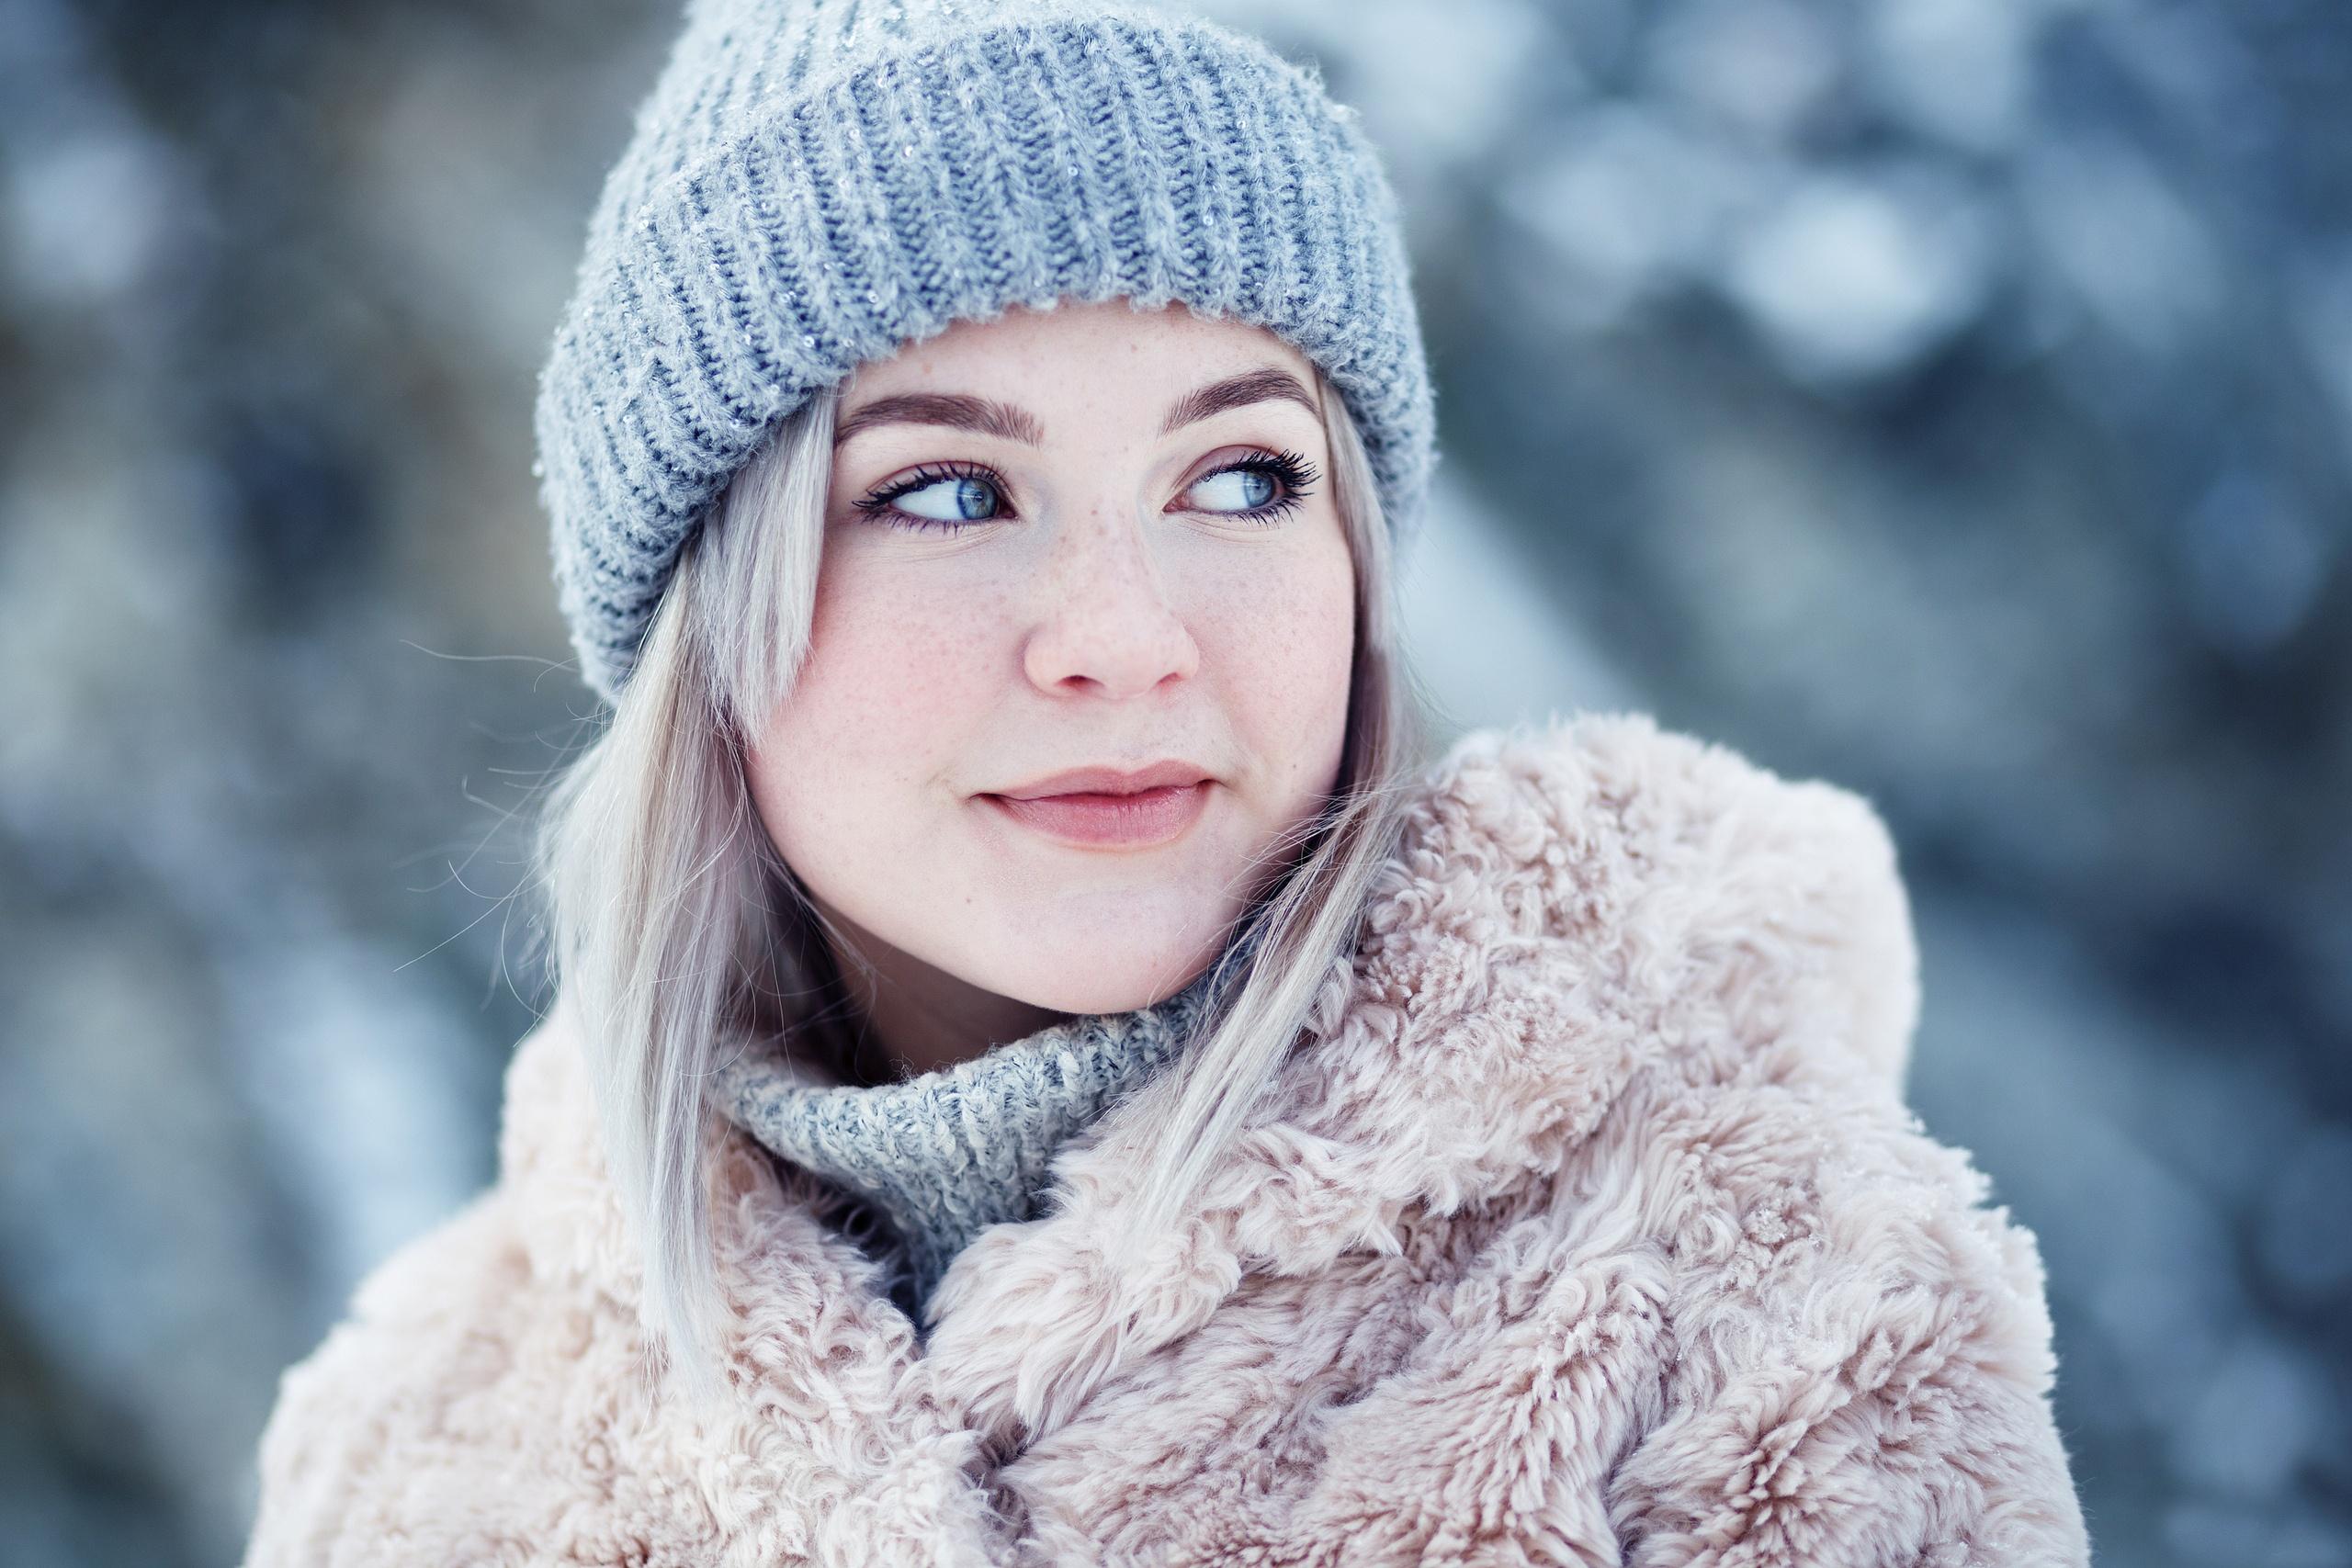 People 2560x1707 Evgeniy Bulatov Taya Tokminova model women blonde blue eyes freckles face mouth lips lipstick red lipstick hood coats cold looking away depth of field portrait Russian women Russian model women outdoors